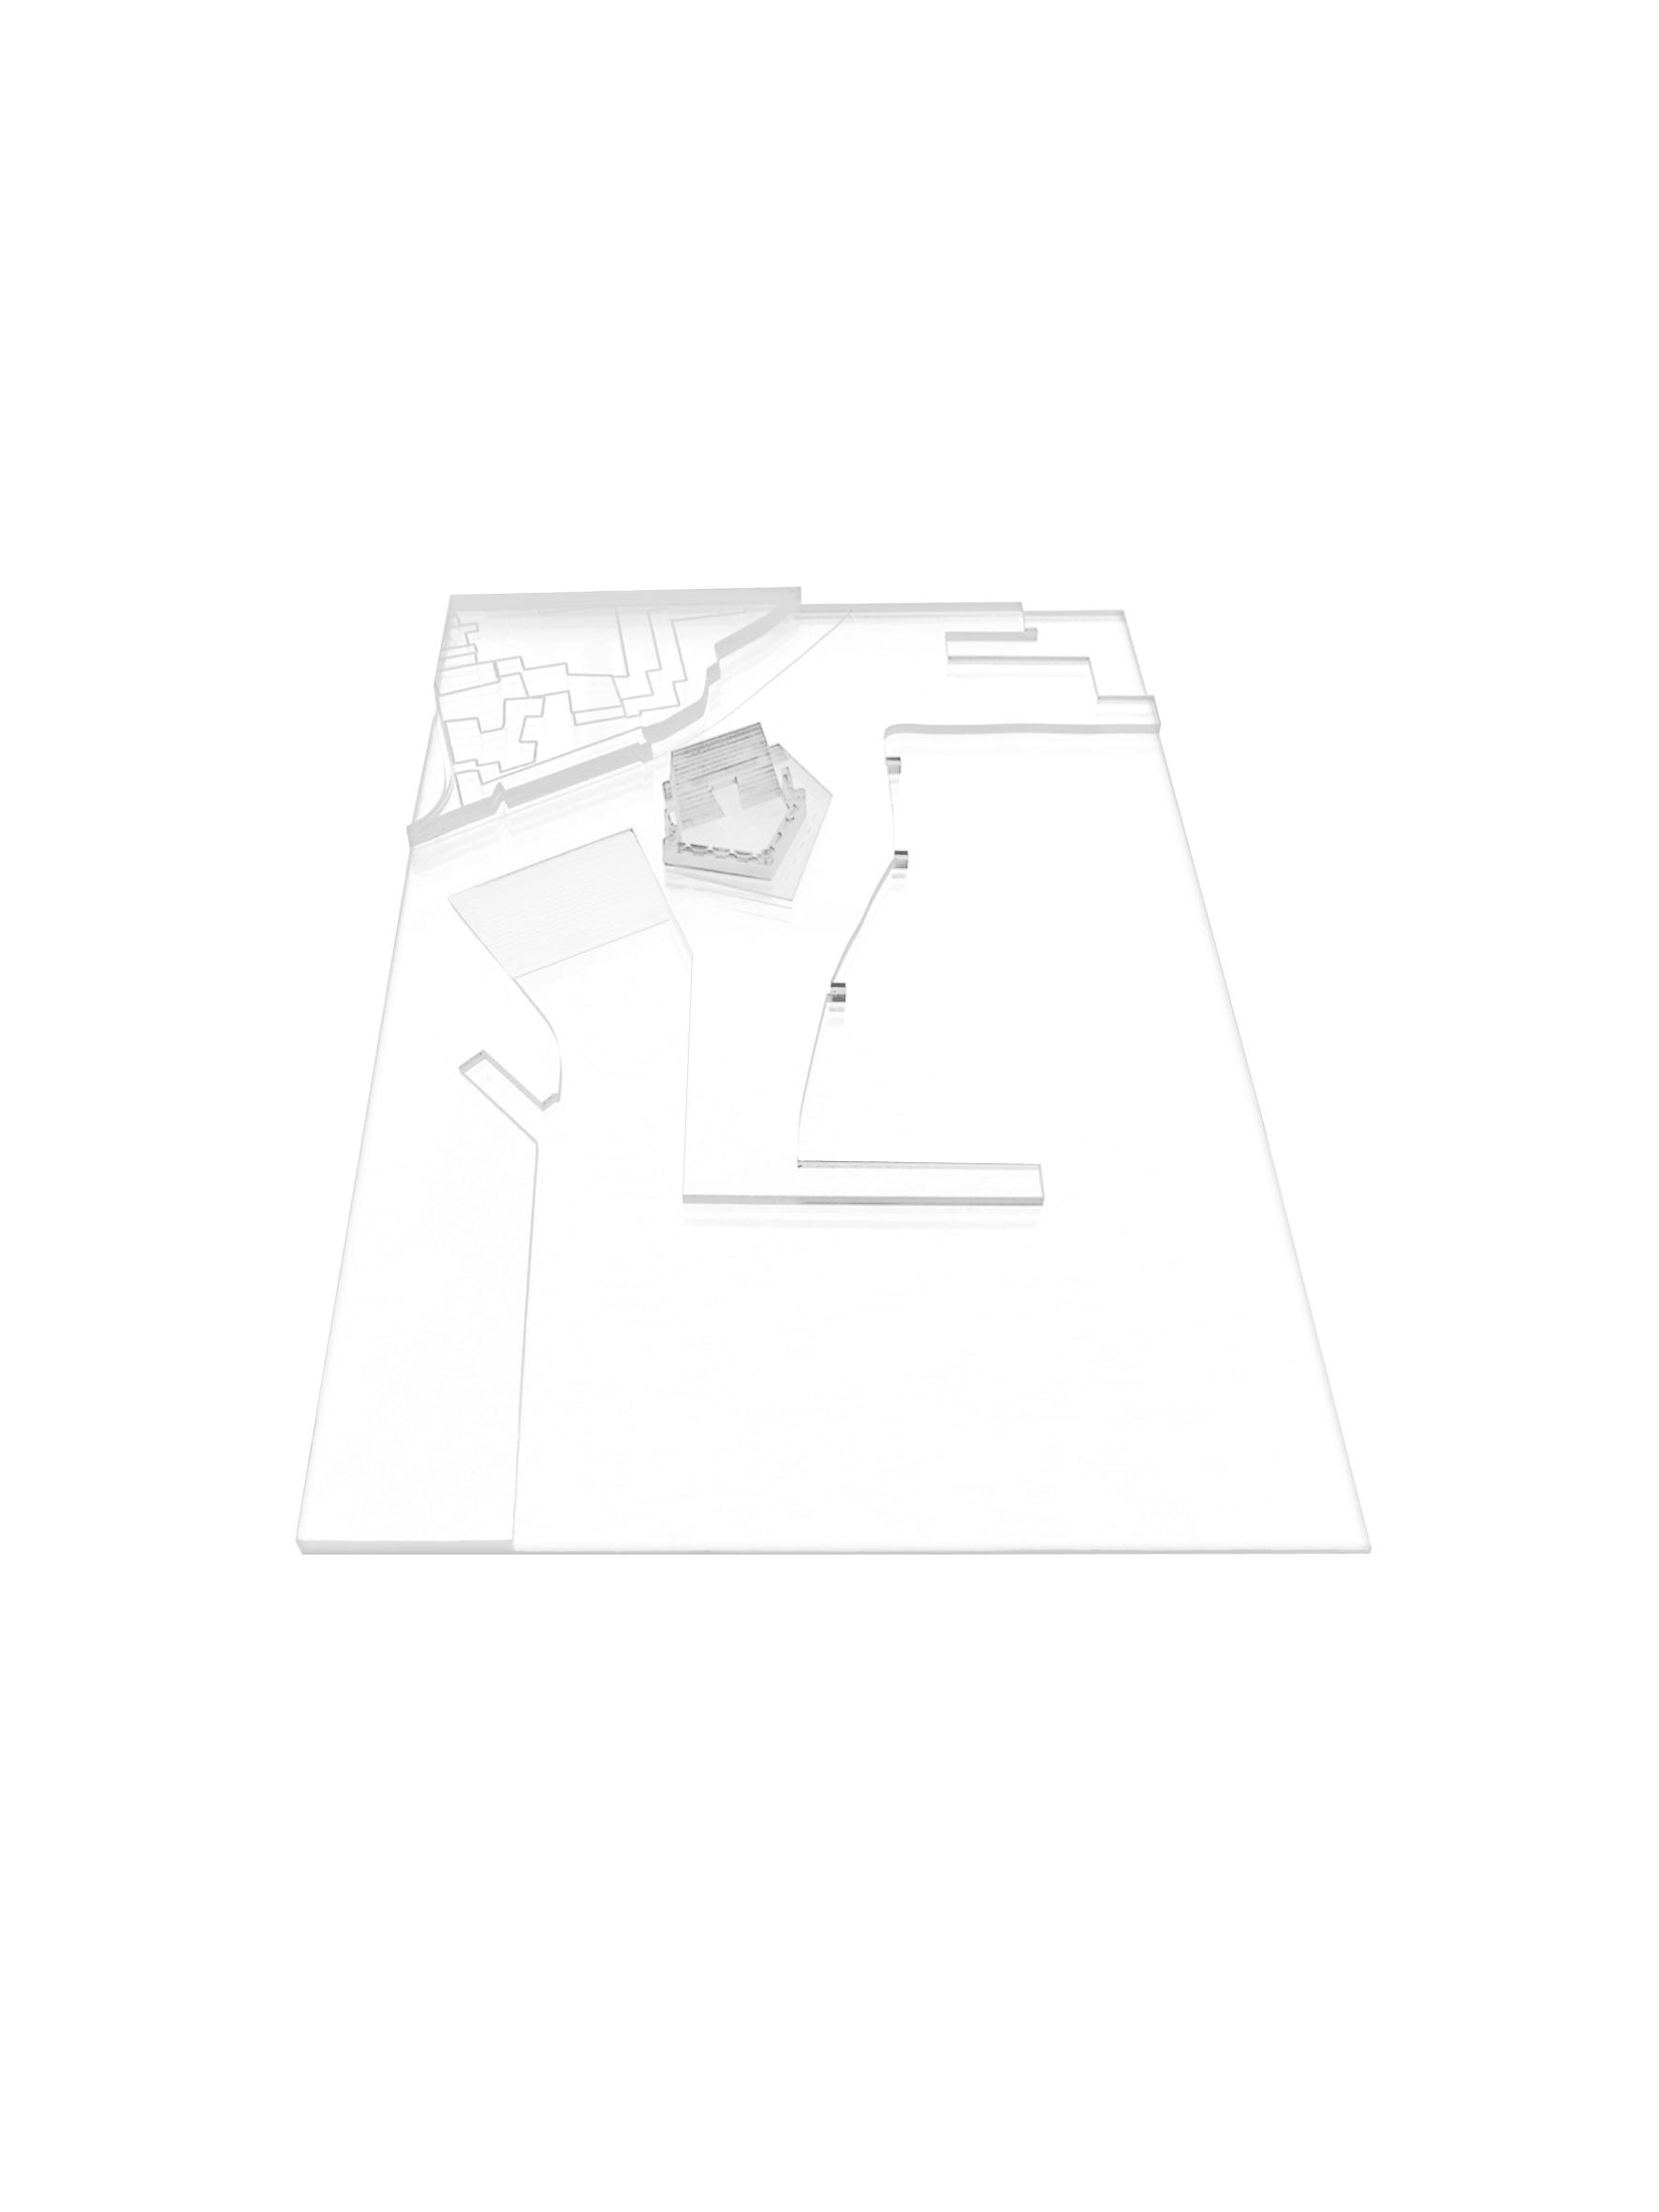 DSC_0174 copy4.jpg